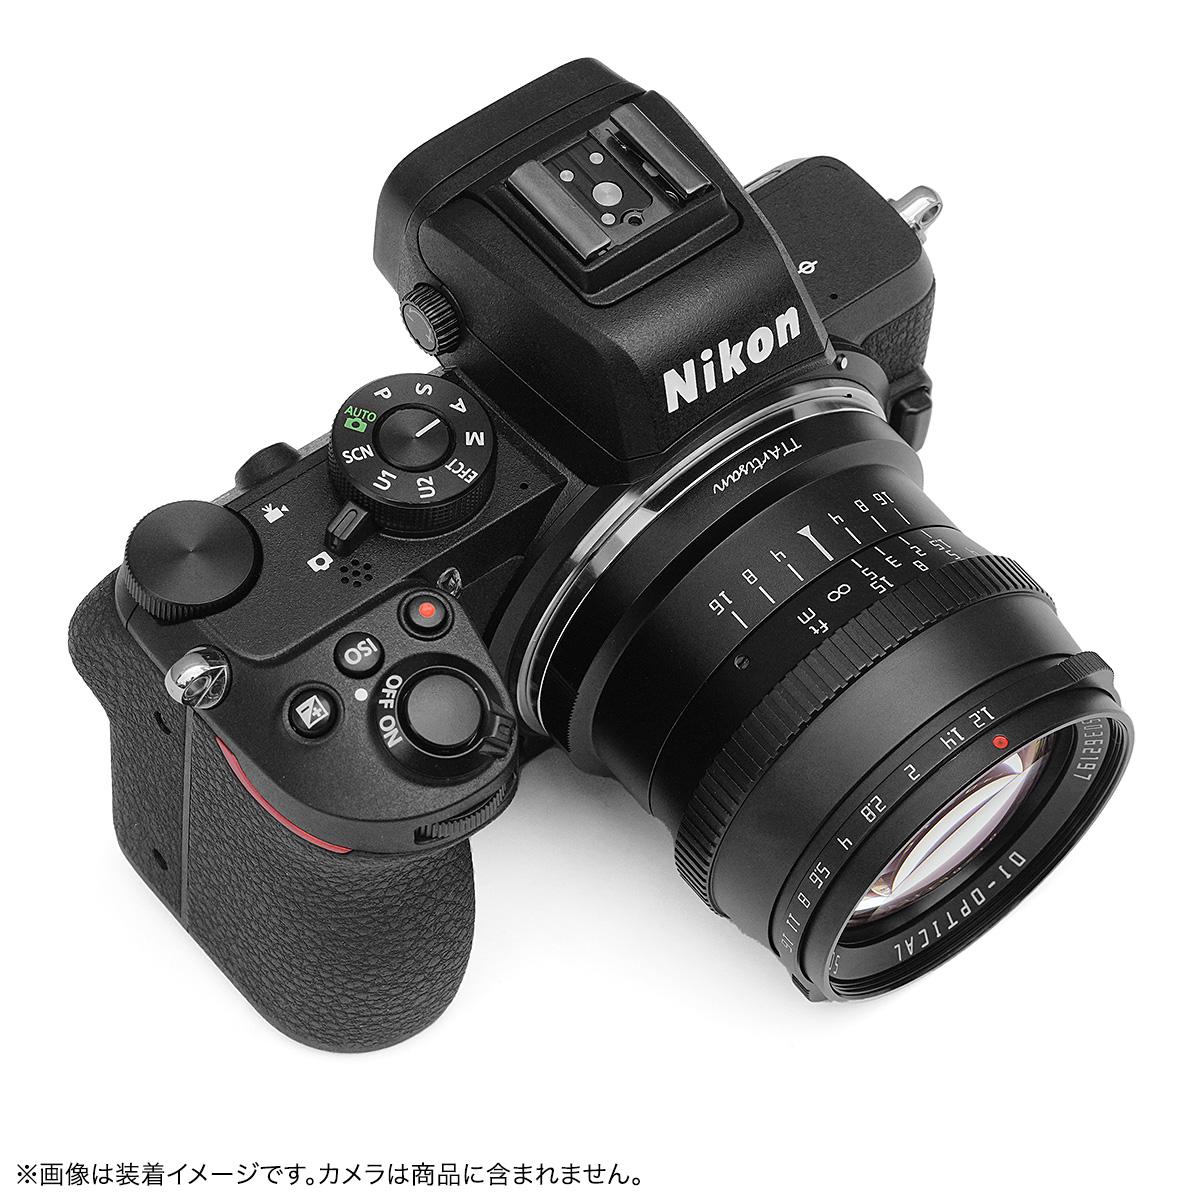 銘匠光学 TTArtisan 50mm f/1.2 C 単焦点レンズ